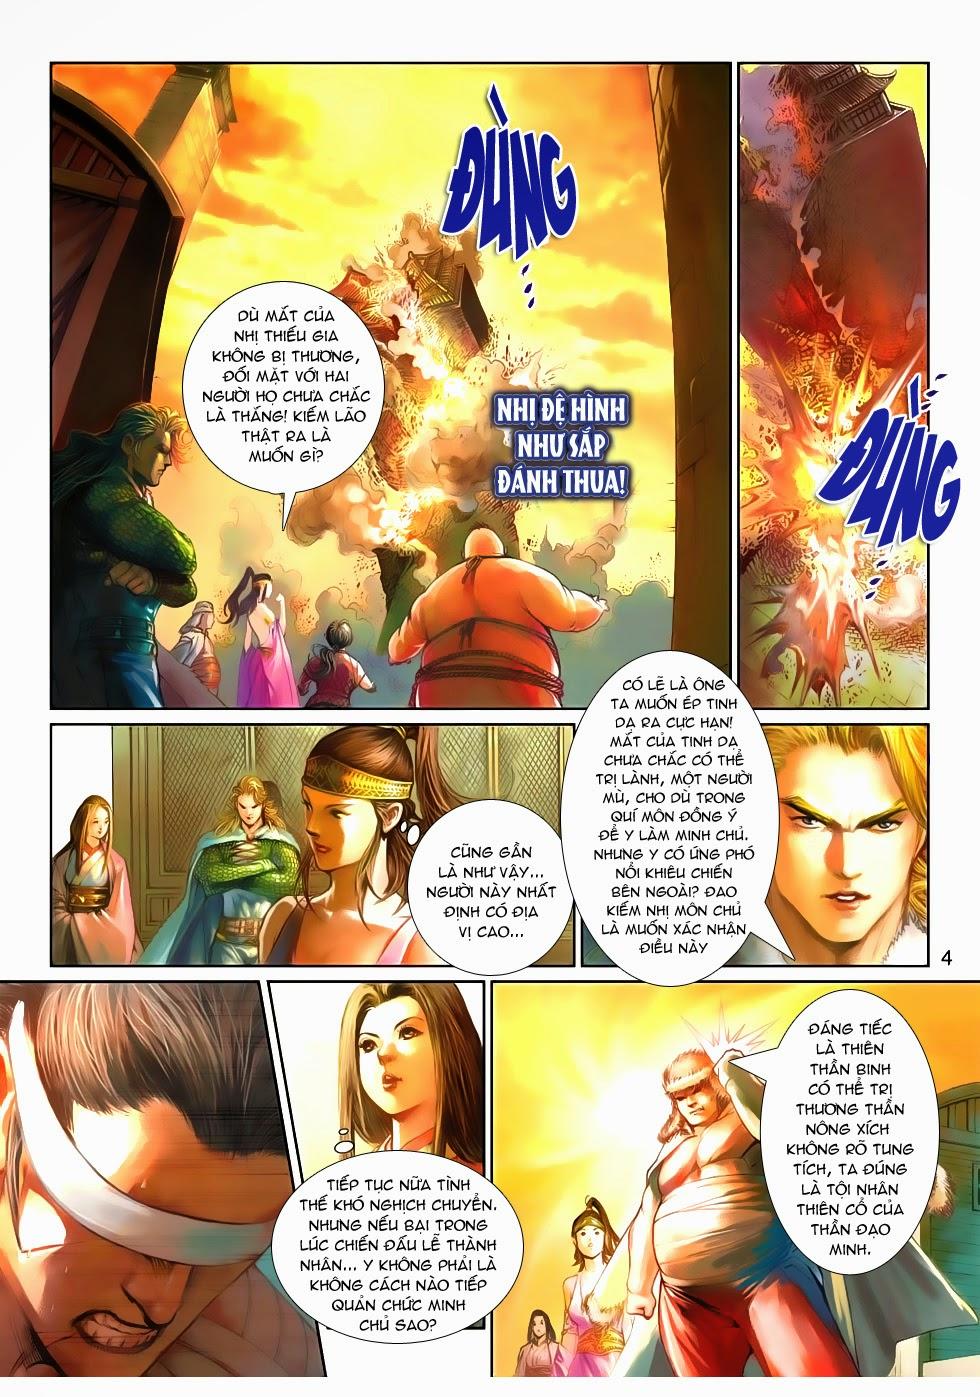 Thần Binh Tiền Truyện 4 - Huyền Thiên Tà Đế chap 9 - Trang 4